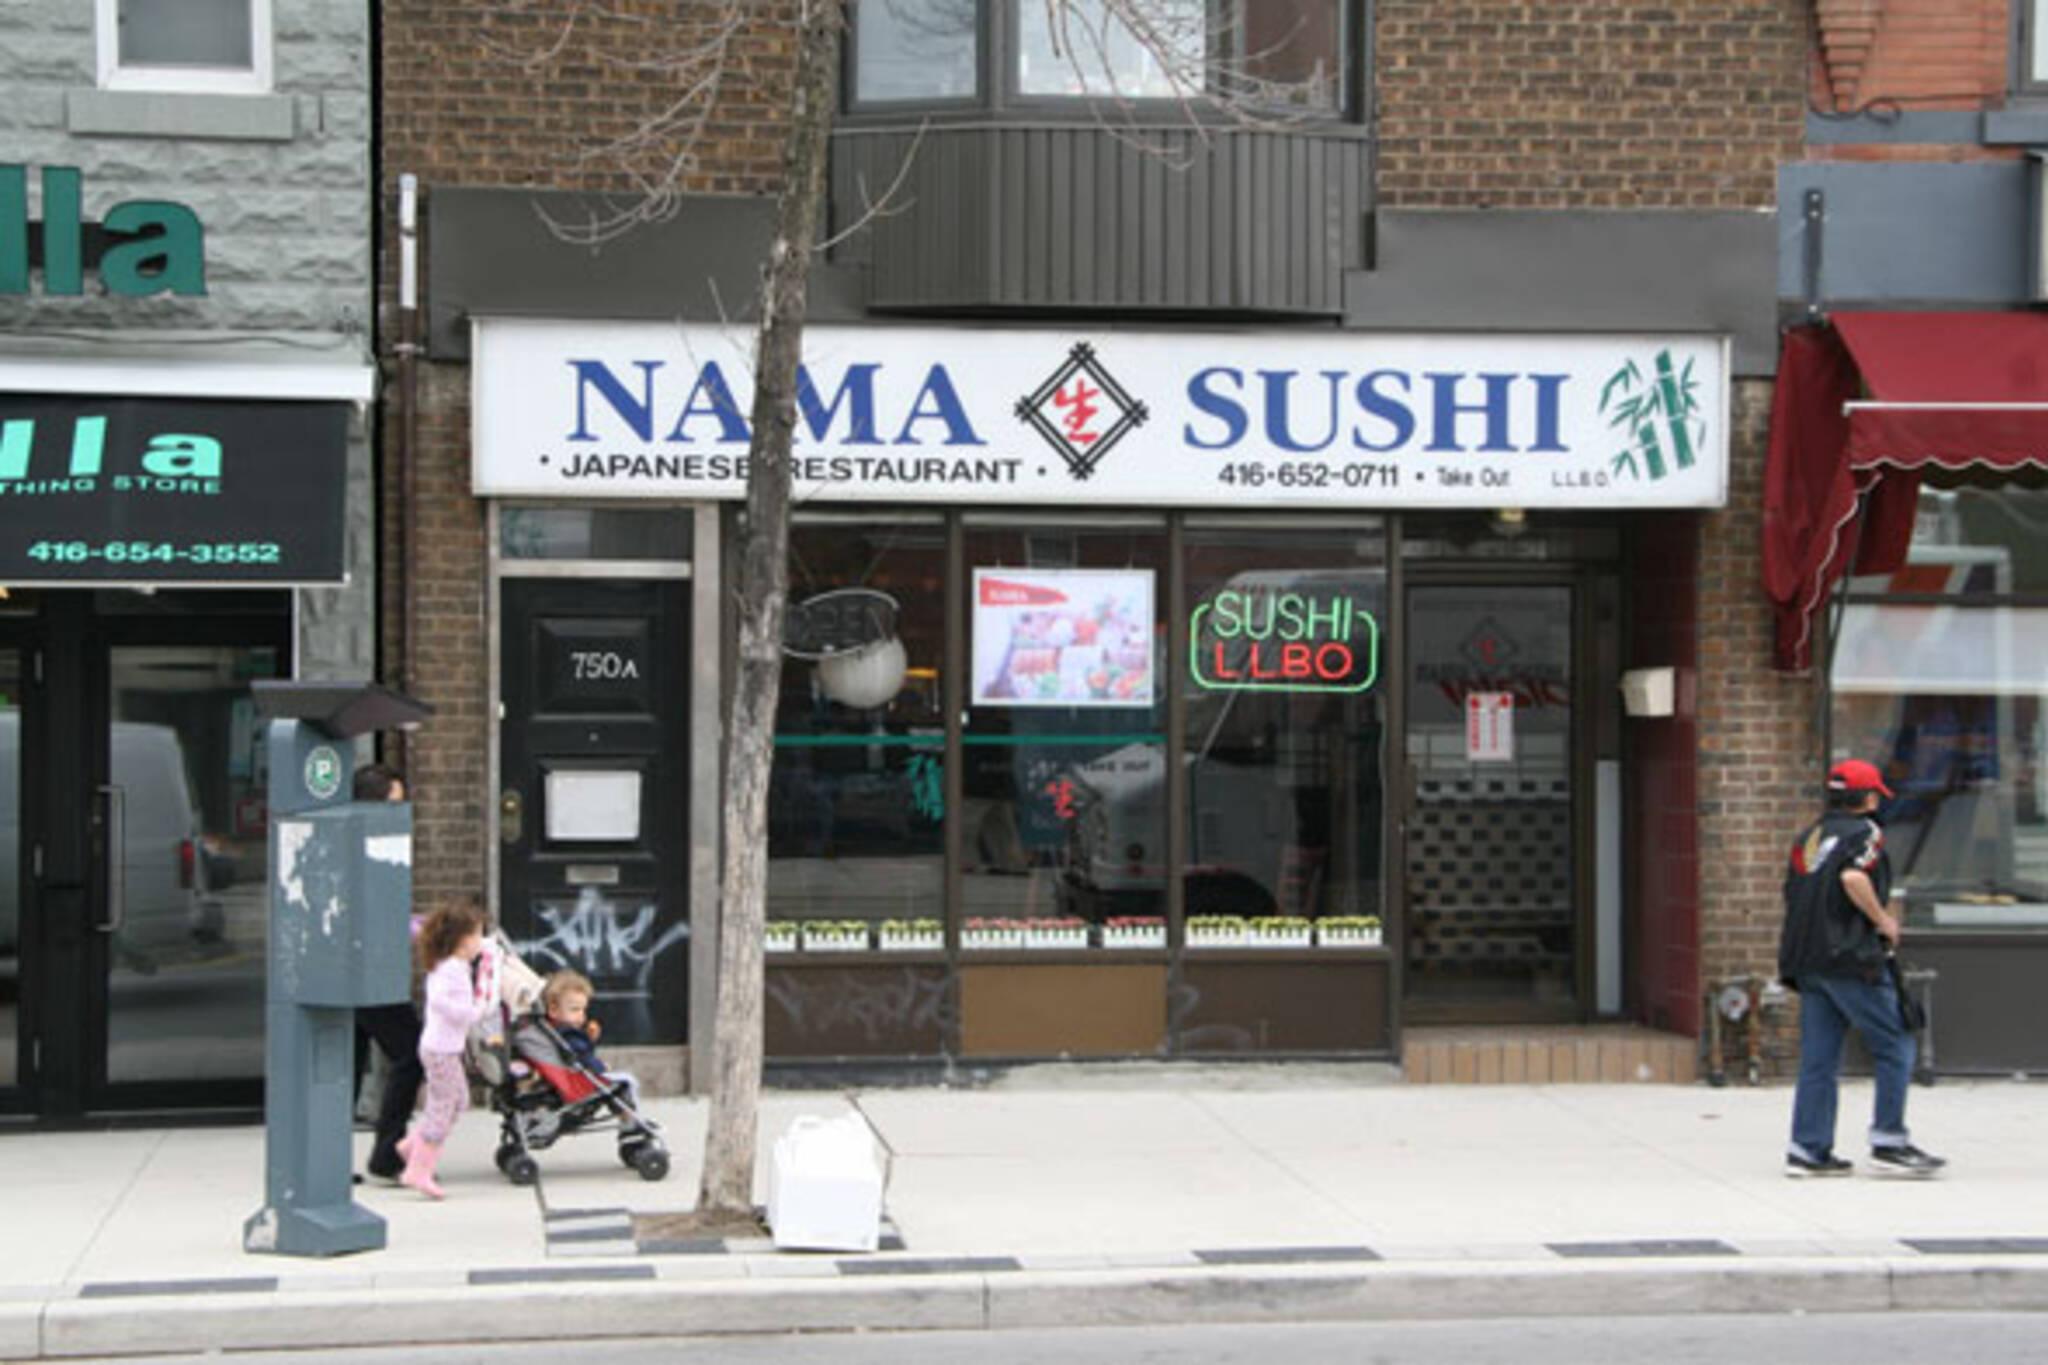 Nama Sushi Toronto